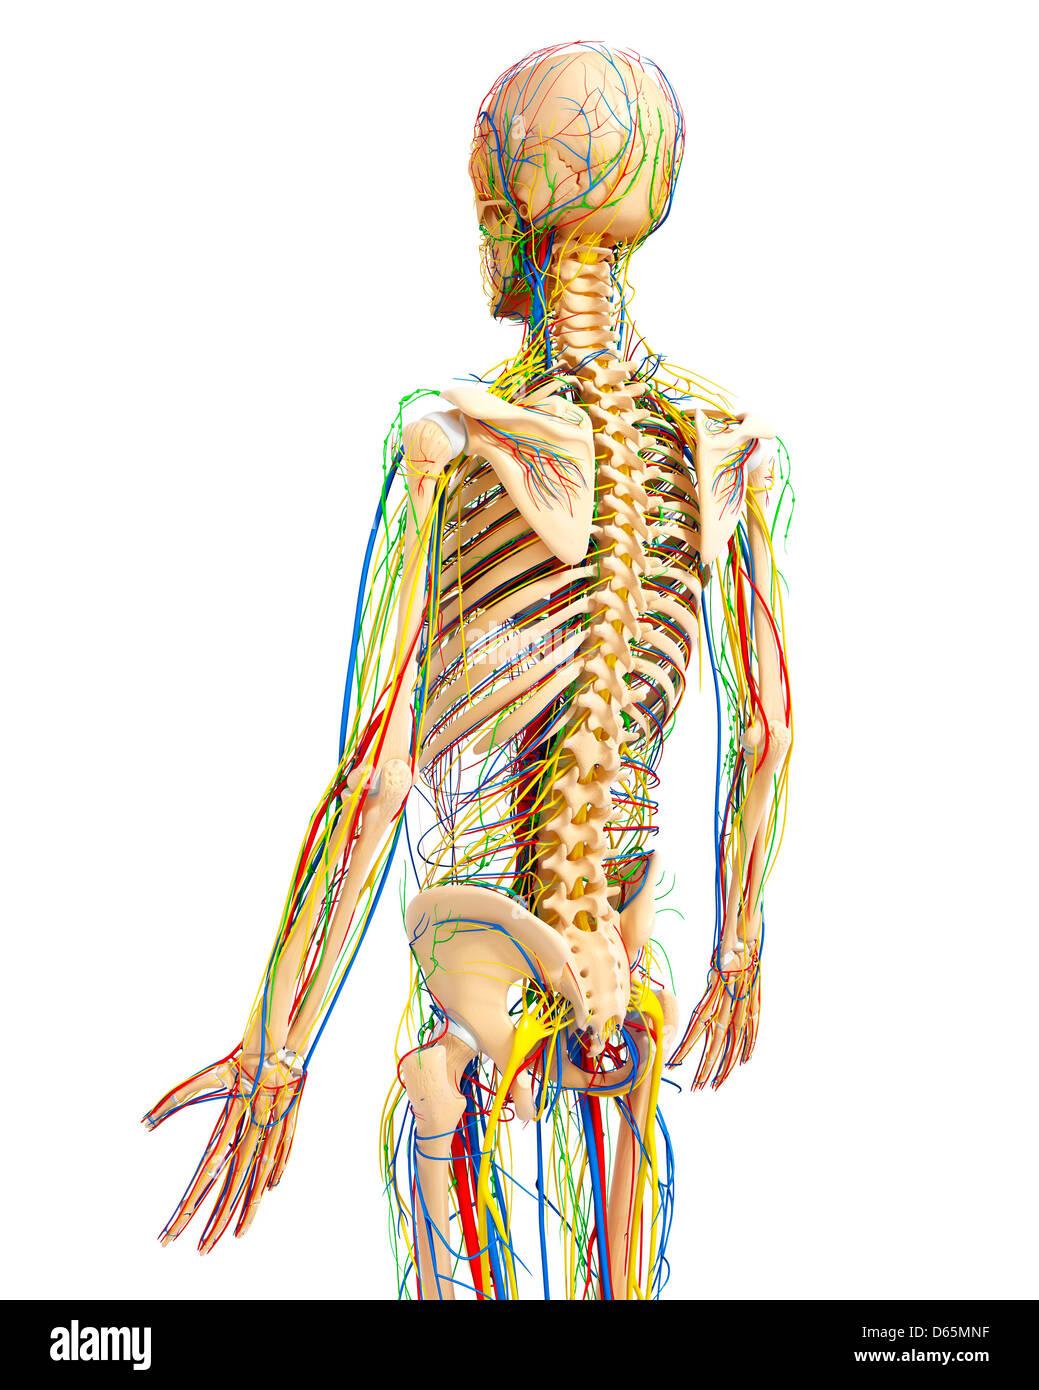 Großartig Lymphknoten Im Menschlichen Körper Fotos - Menschliche ...